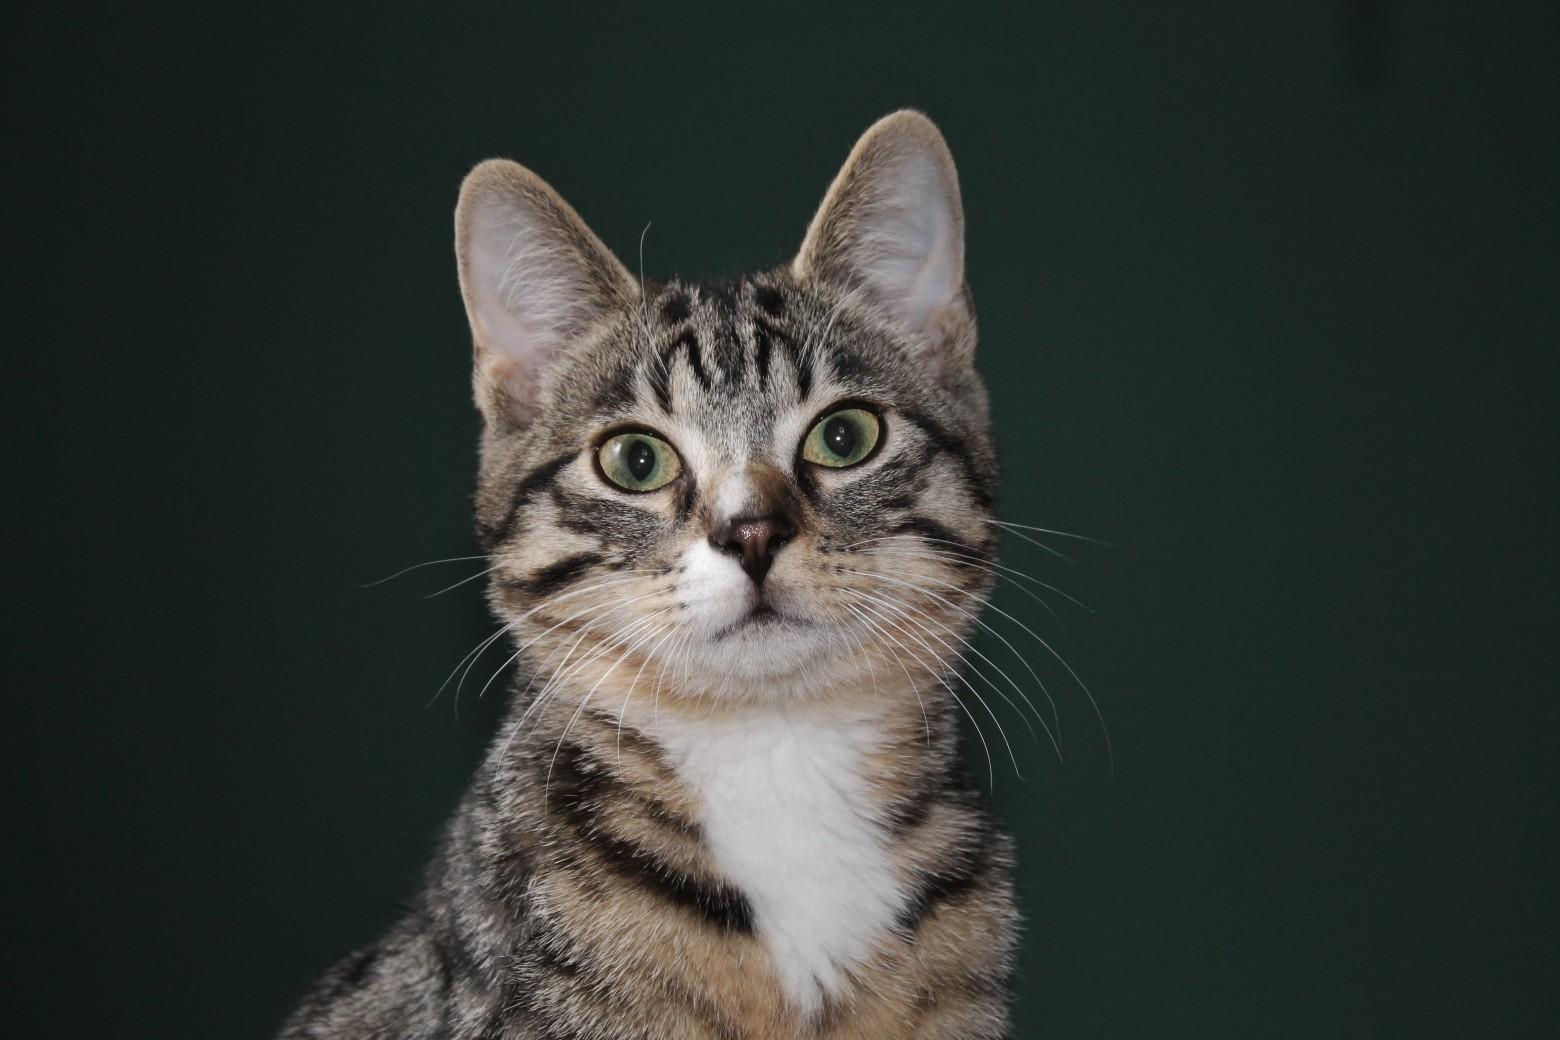 Animaux portrait chat sur fond noir images photos gratuite images gratuites et libres de droits - Image animaux gratuite ...